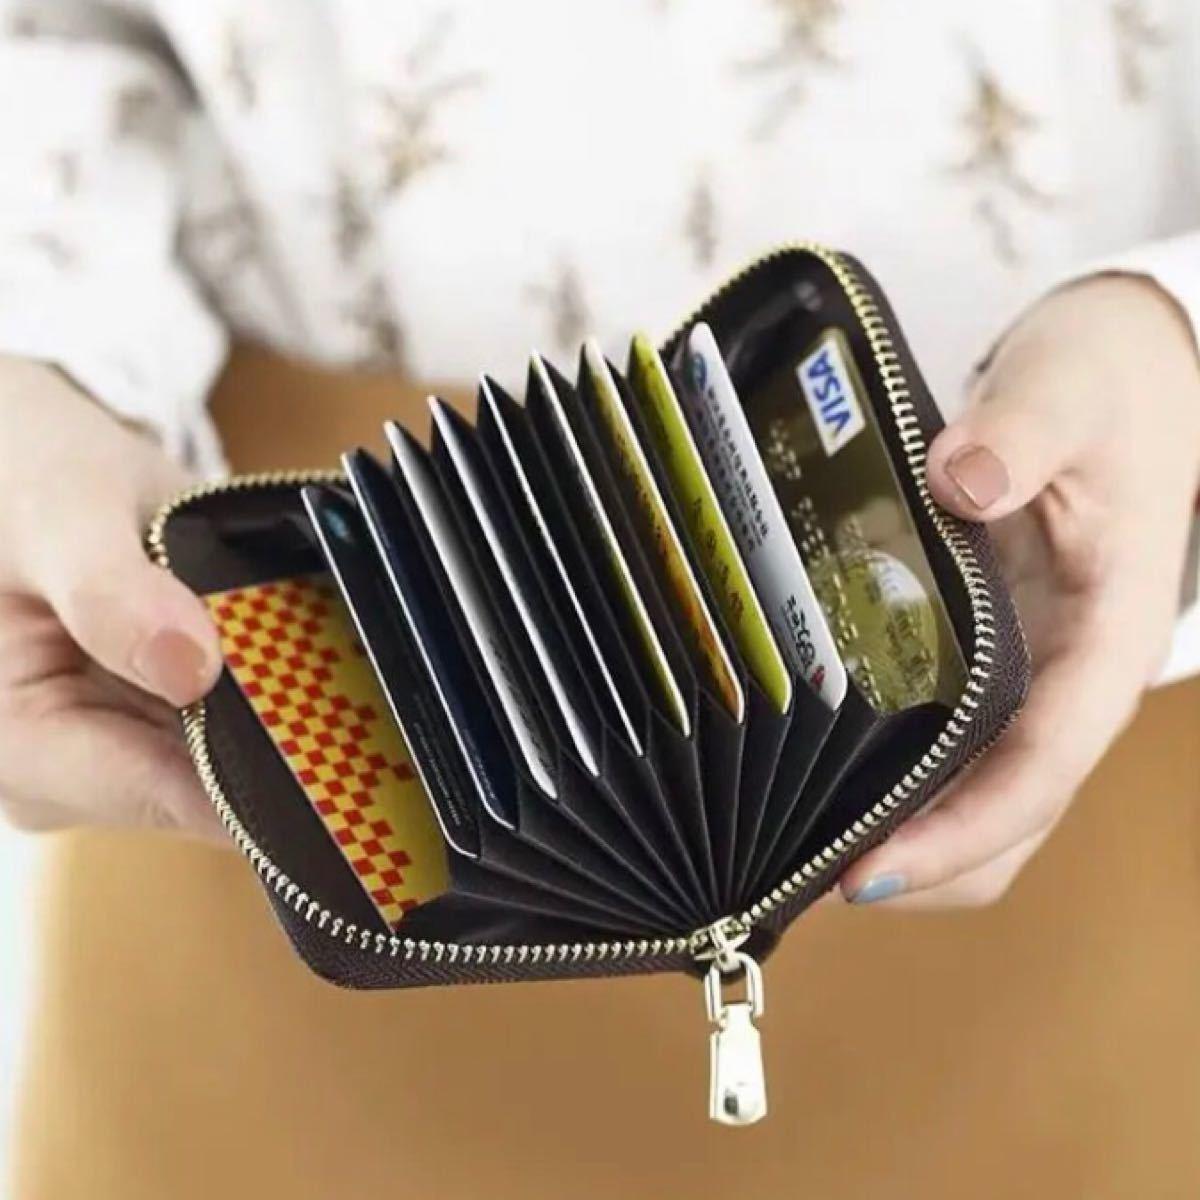 カードケース カードホルダー 名刺入れ お札入れ 新品未使用  ノーブランド品